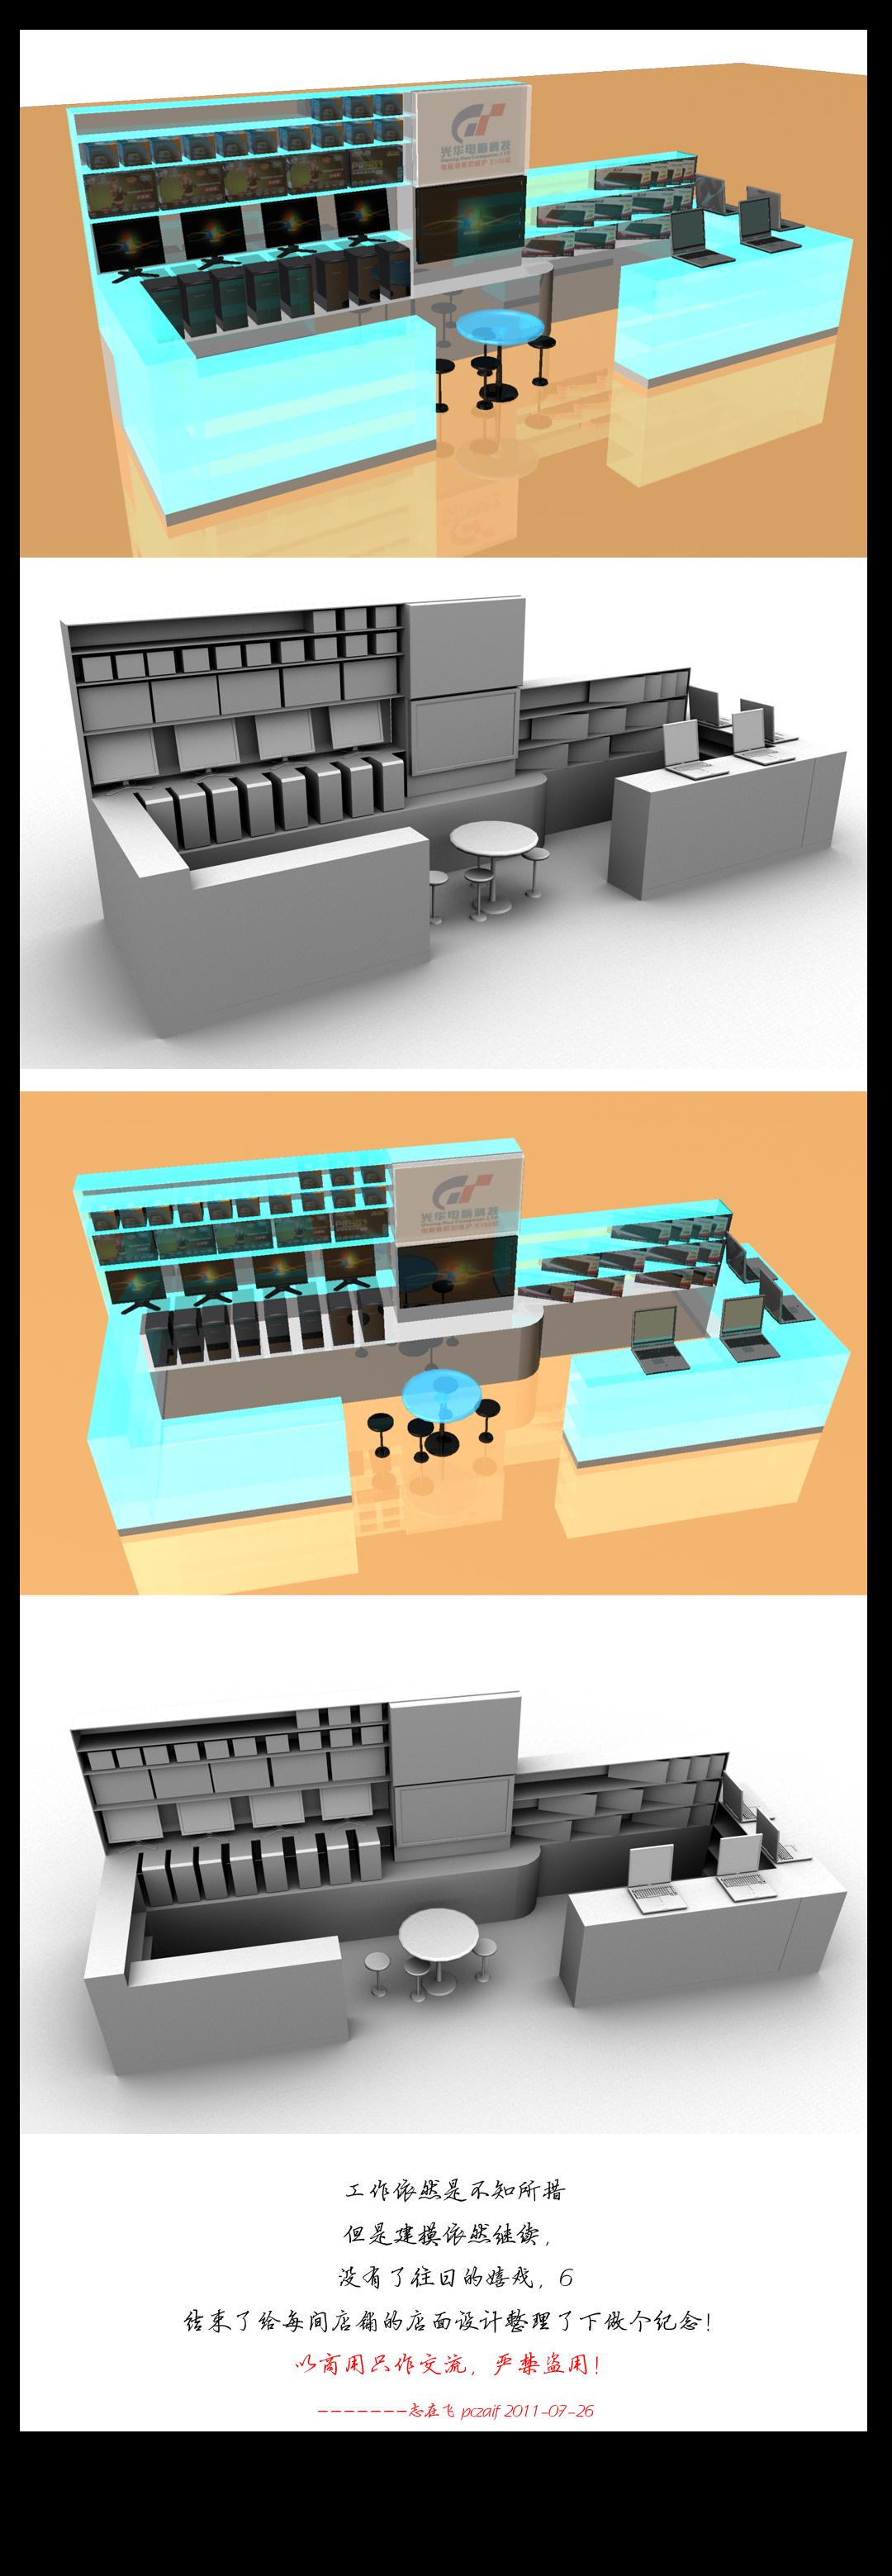 某电脑店面装修效果图|三维|展览|志在飞 - 原创作品